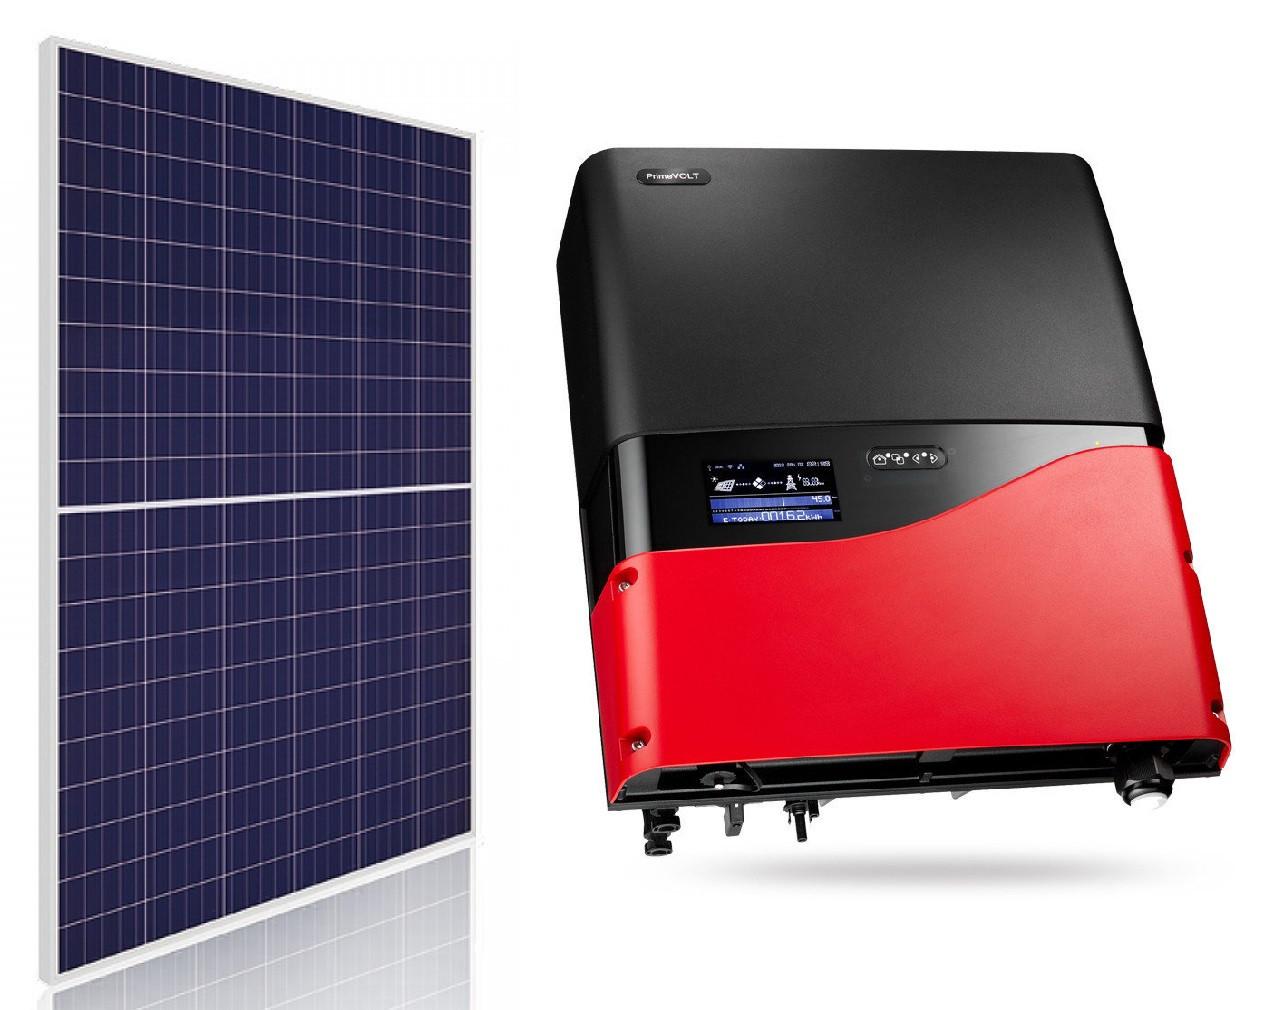 Комплект обладнання для сонячної електростанції 30 кВт (108 ФЕМ ABi-Solar AB280-60PHC + інвертор PrimeVOLT PV-30000T-U)